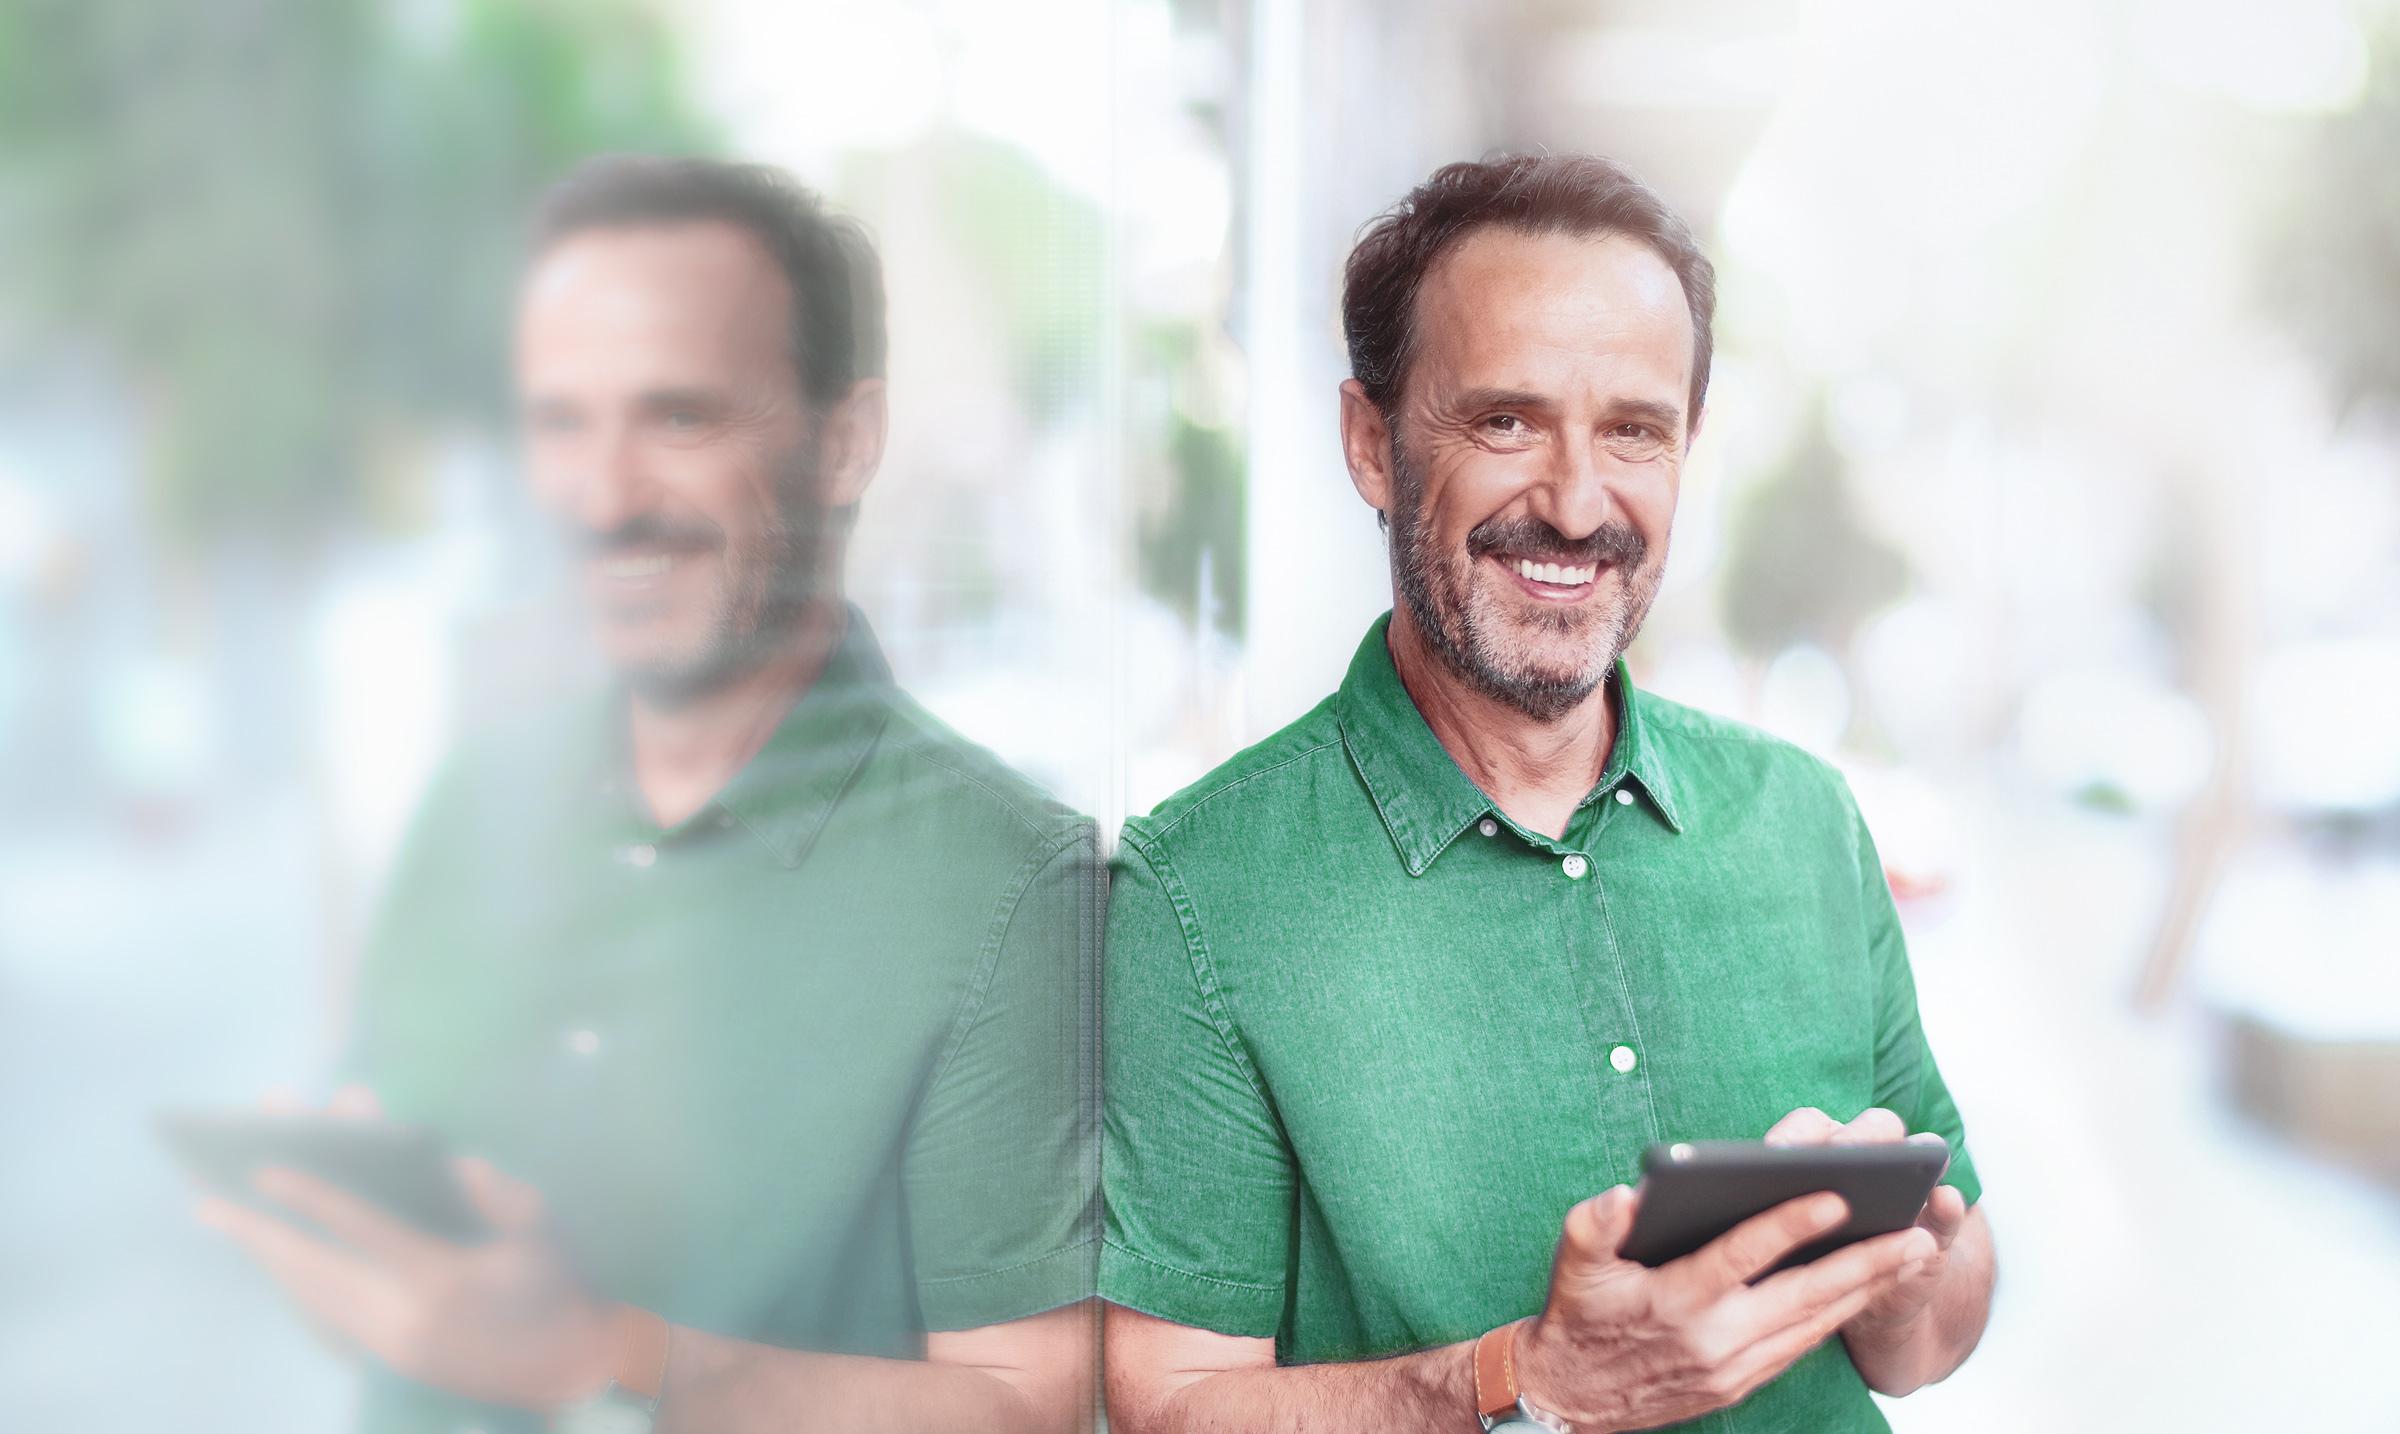 Inwestor i klient LYNX z ubezpieczonymi depozytami